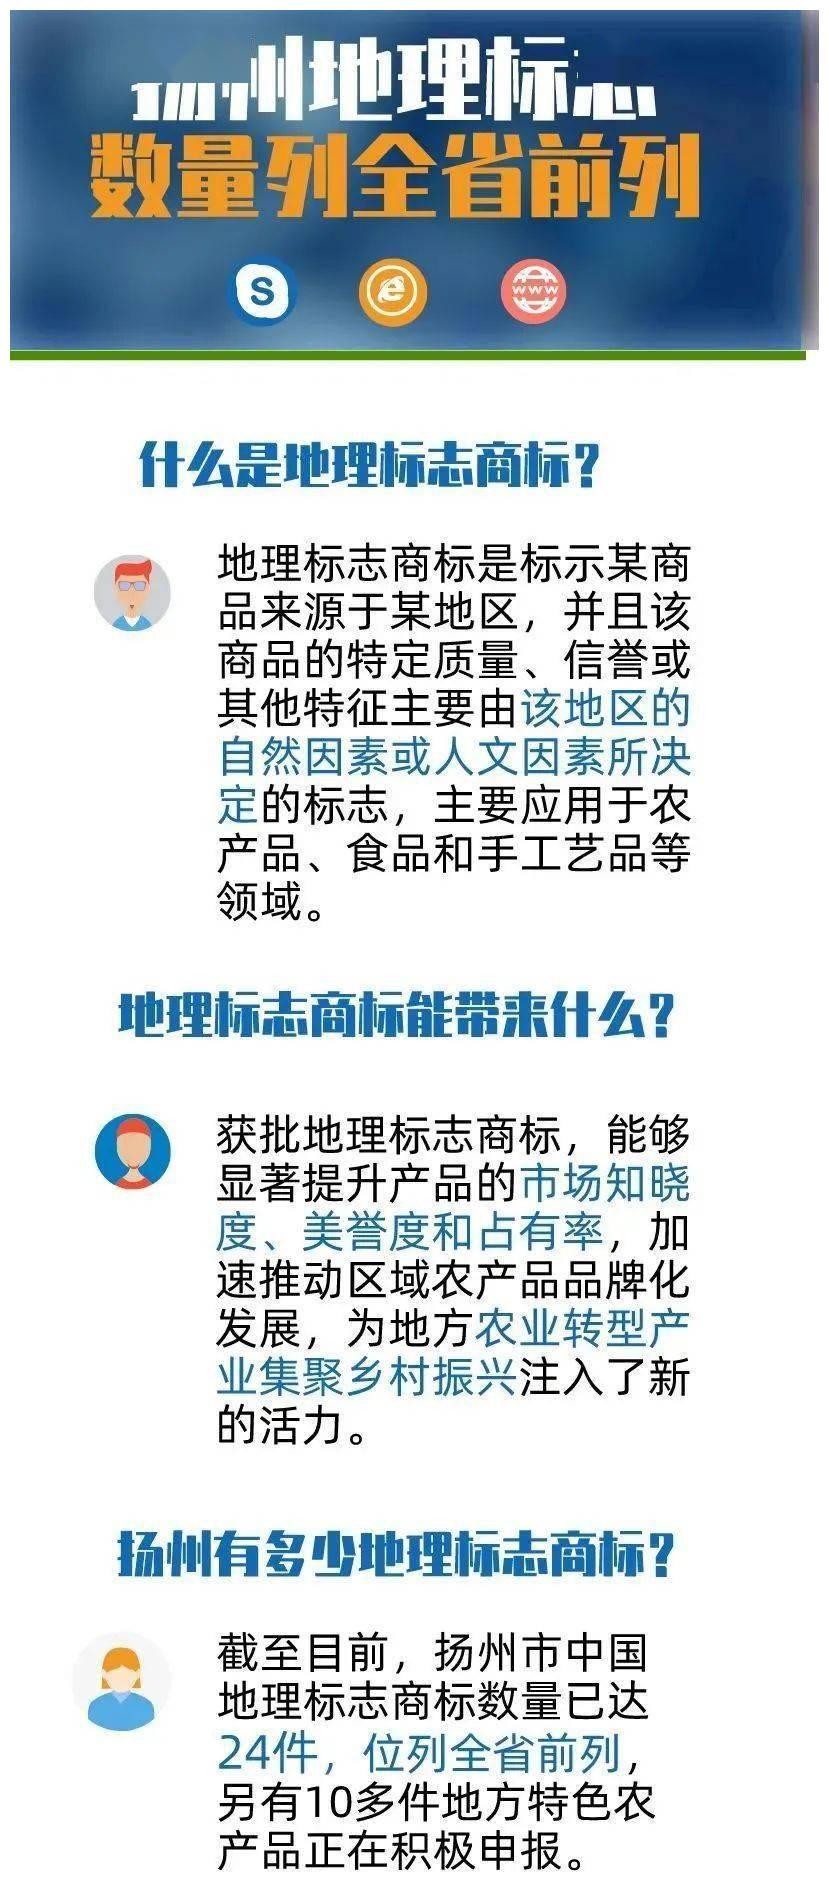 """获国家认可!扬州各县市区""""宝贝""""大PK,宝应获认可的是……"""